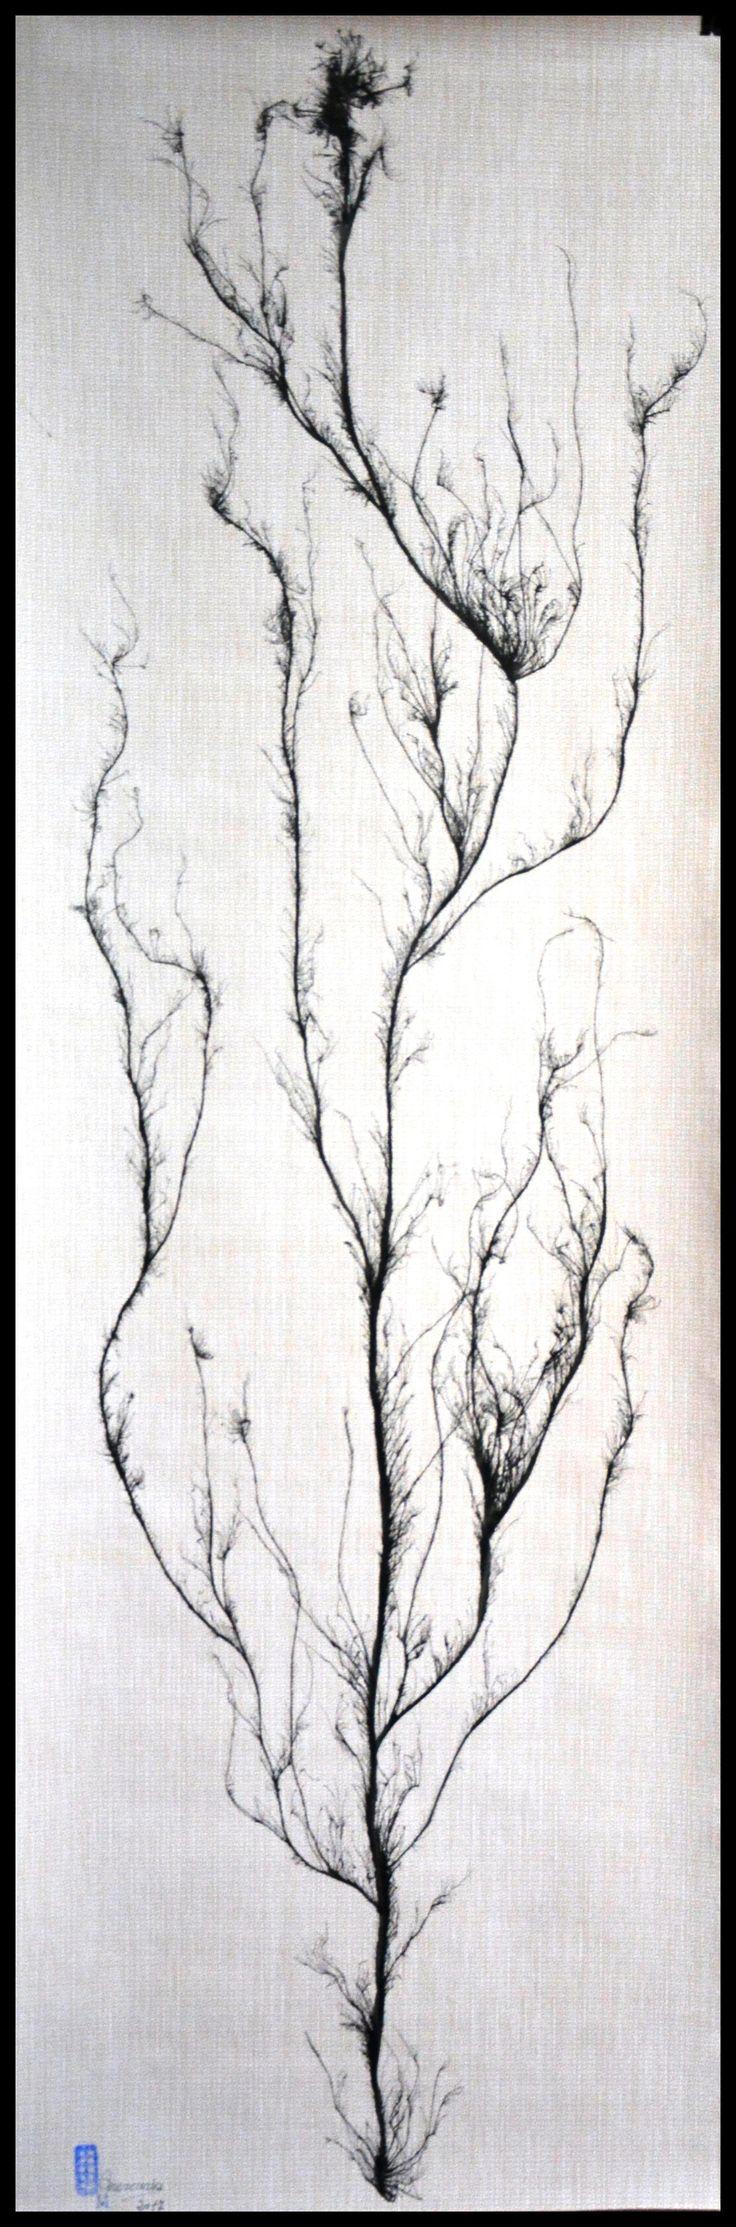 """FICHA TECNICA DE LAS OBRAS """"ARBOLES QUE MIRAIS AL CIELO"""" Nº3 La obra esta realizada con Tinta China al estilo de la escuela del sur de China, también conocida como """"pintura sin huesos"""" (pintura sin contornos). Autor: Mercurio Marin Soporte: Papel pintado. (150gr) Medidas:  Alto.-180cm  Ancho.-52cm Precio: 90€ Gasto de envío a la Península: 9€ (otros preguntar) Forma de pago: Contra reembolso Se envía en tubo de cartón rígido. Certificado de Autenticidad y Pieza Única."""